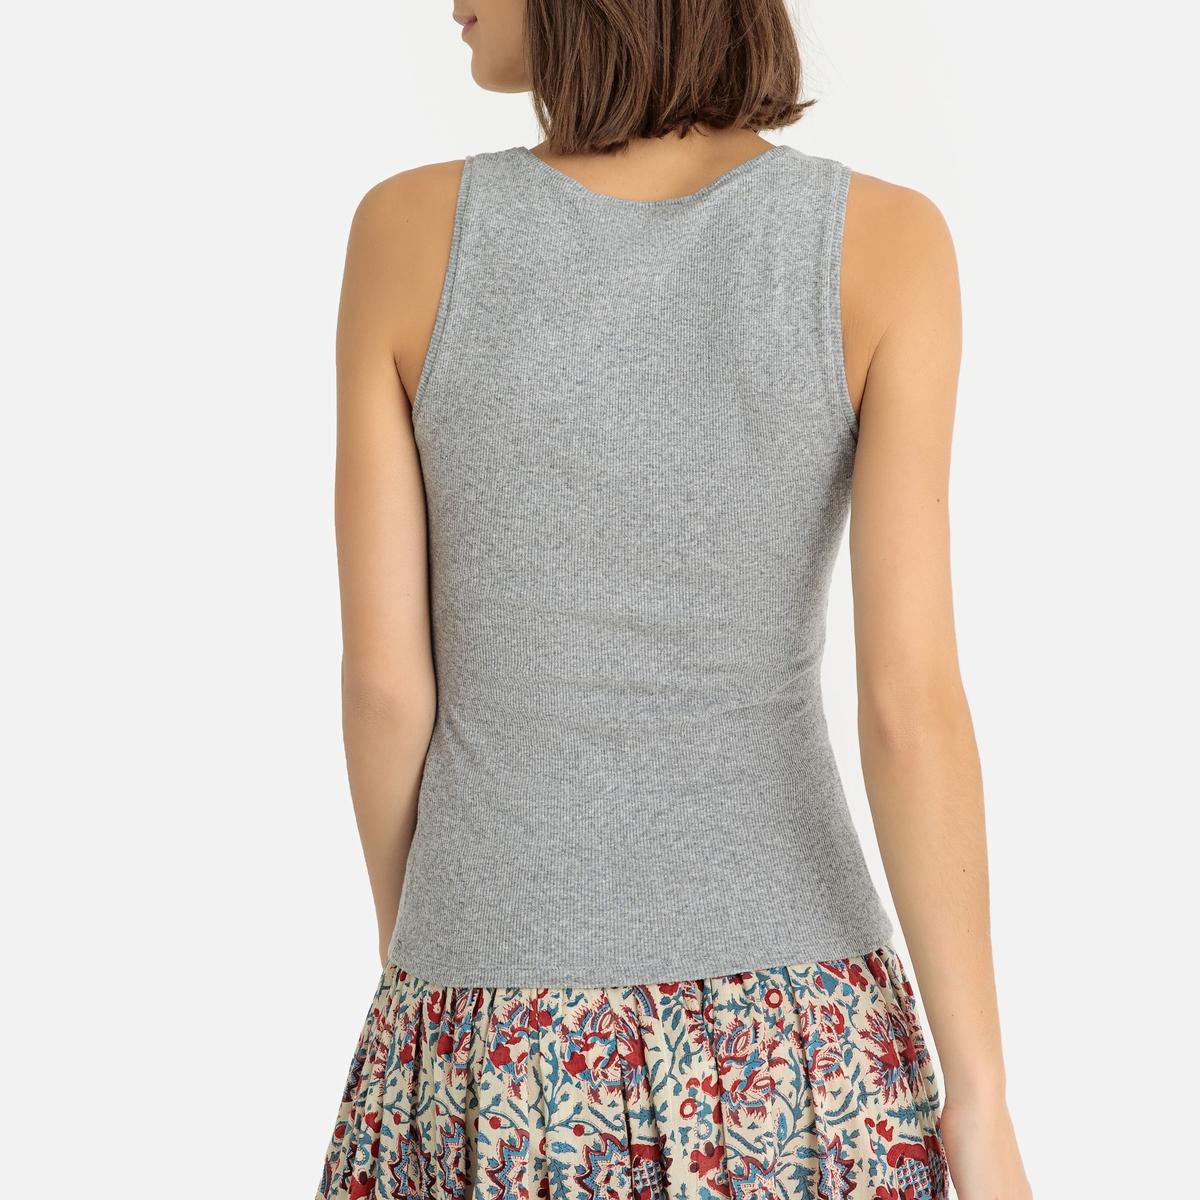 Imagen adicional 3 de producto de Camiseta sin mangas de canalé fino VITIBOO - American Vintage